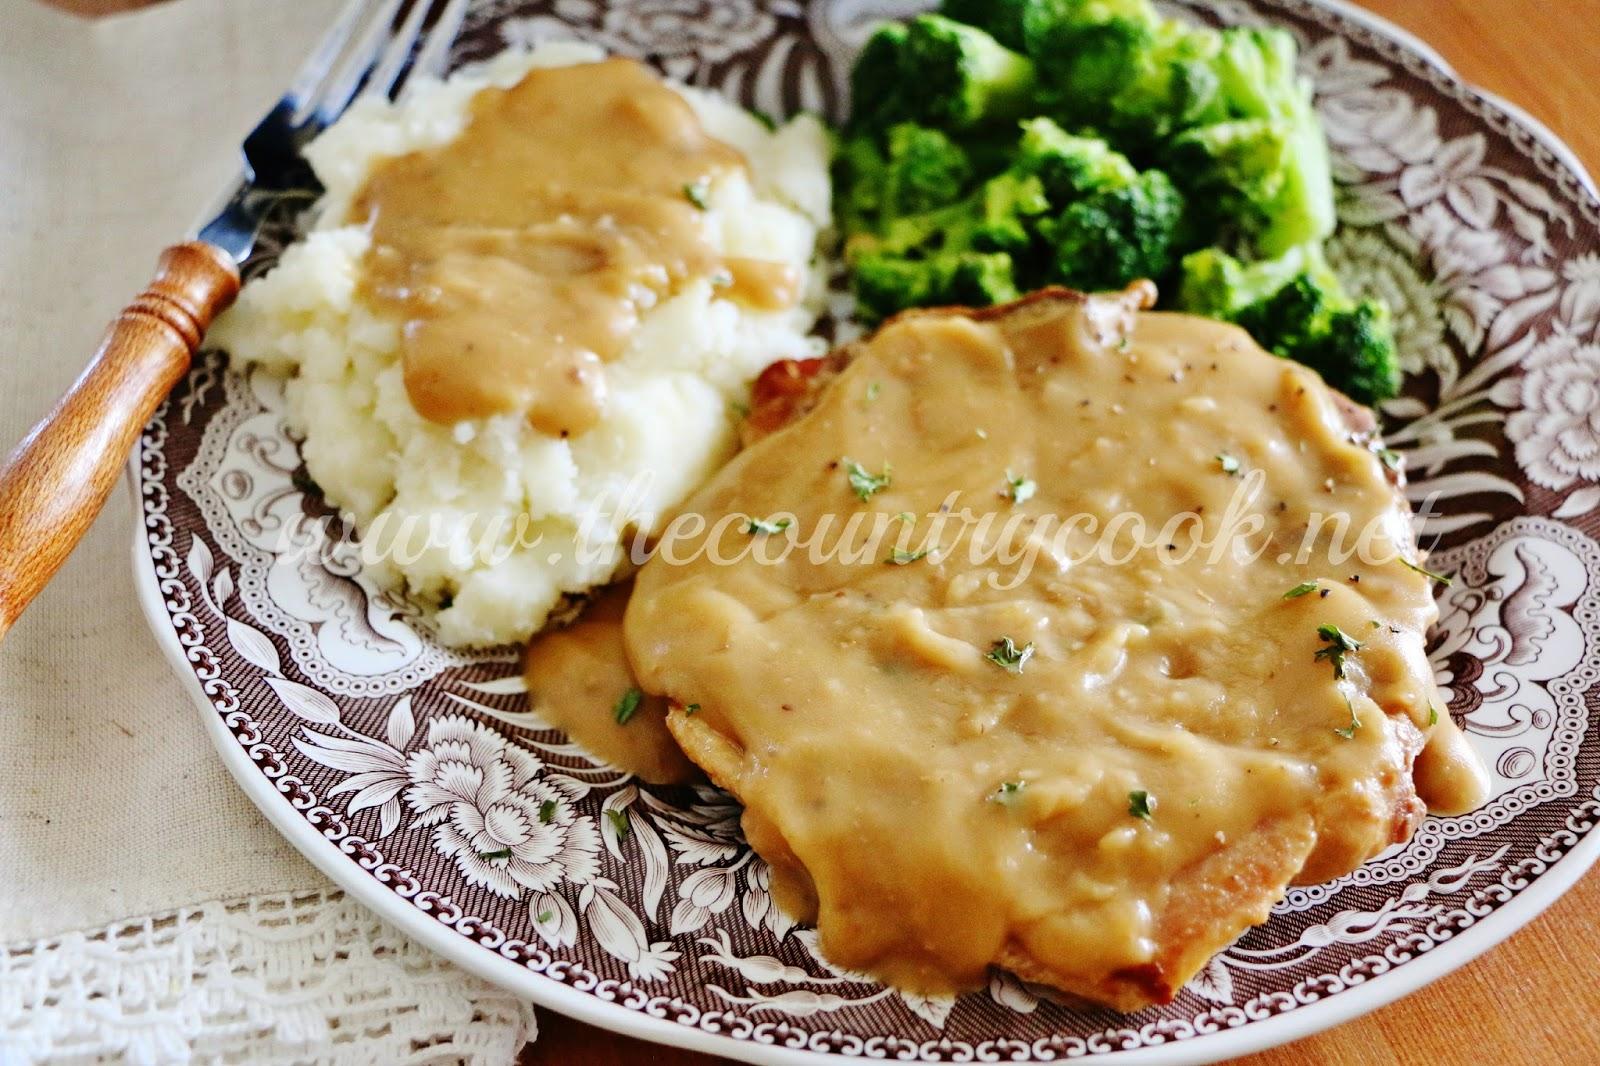 Pork chop recipes crock pot easy